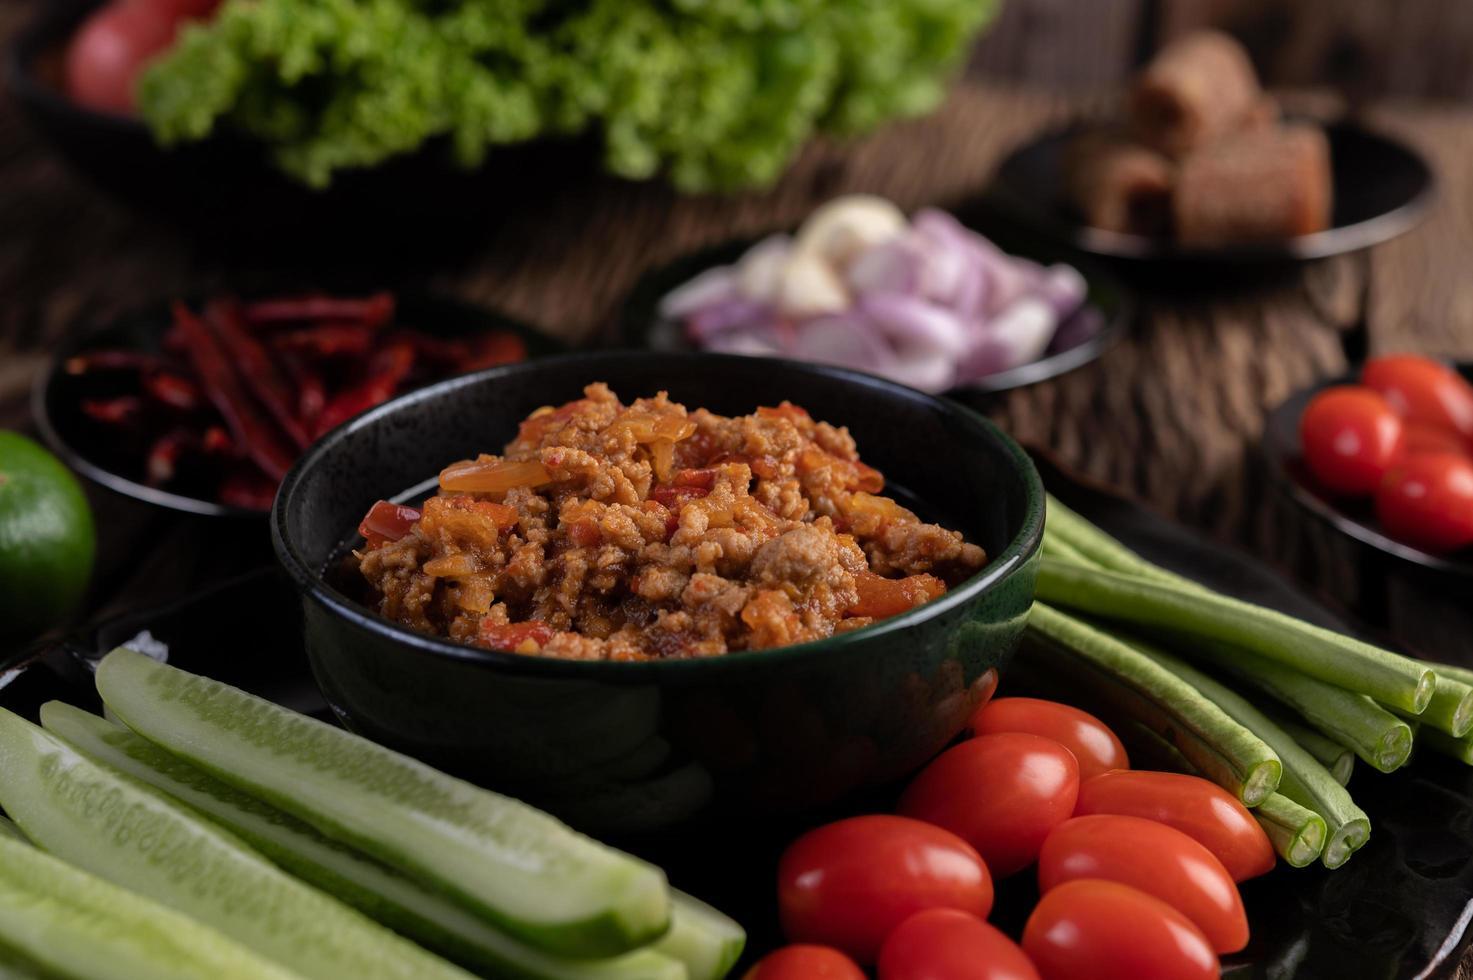 süßes Schweinefleisch mit Gurken, langen Bohnen, Tomaten und Beilagen foto